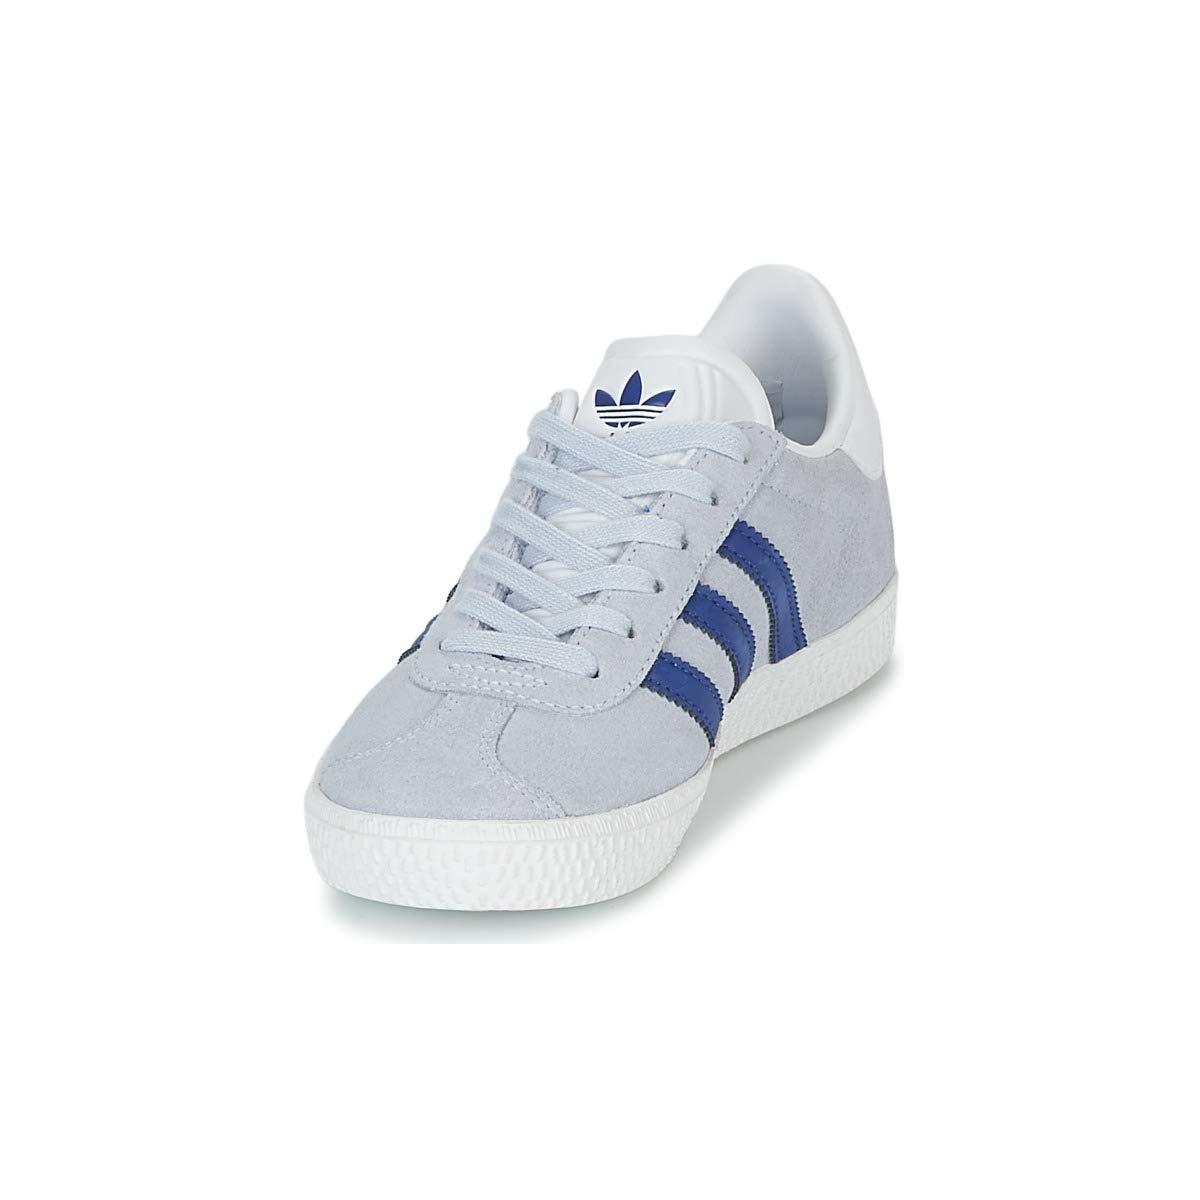 hommes / femmes adidas enfants unisexe enfants adidas chaussures & eacute; gazelle c condition physique moderne et élégant style classique ww12868 mode fiable sur la performance a215a6